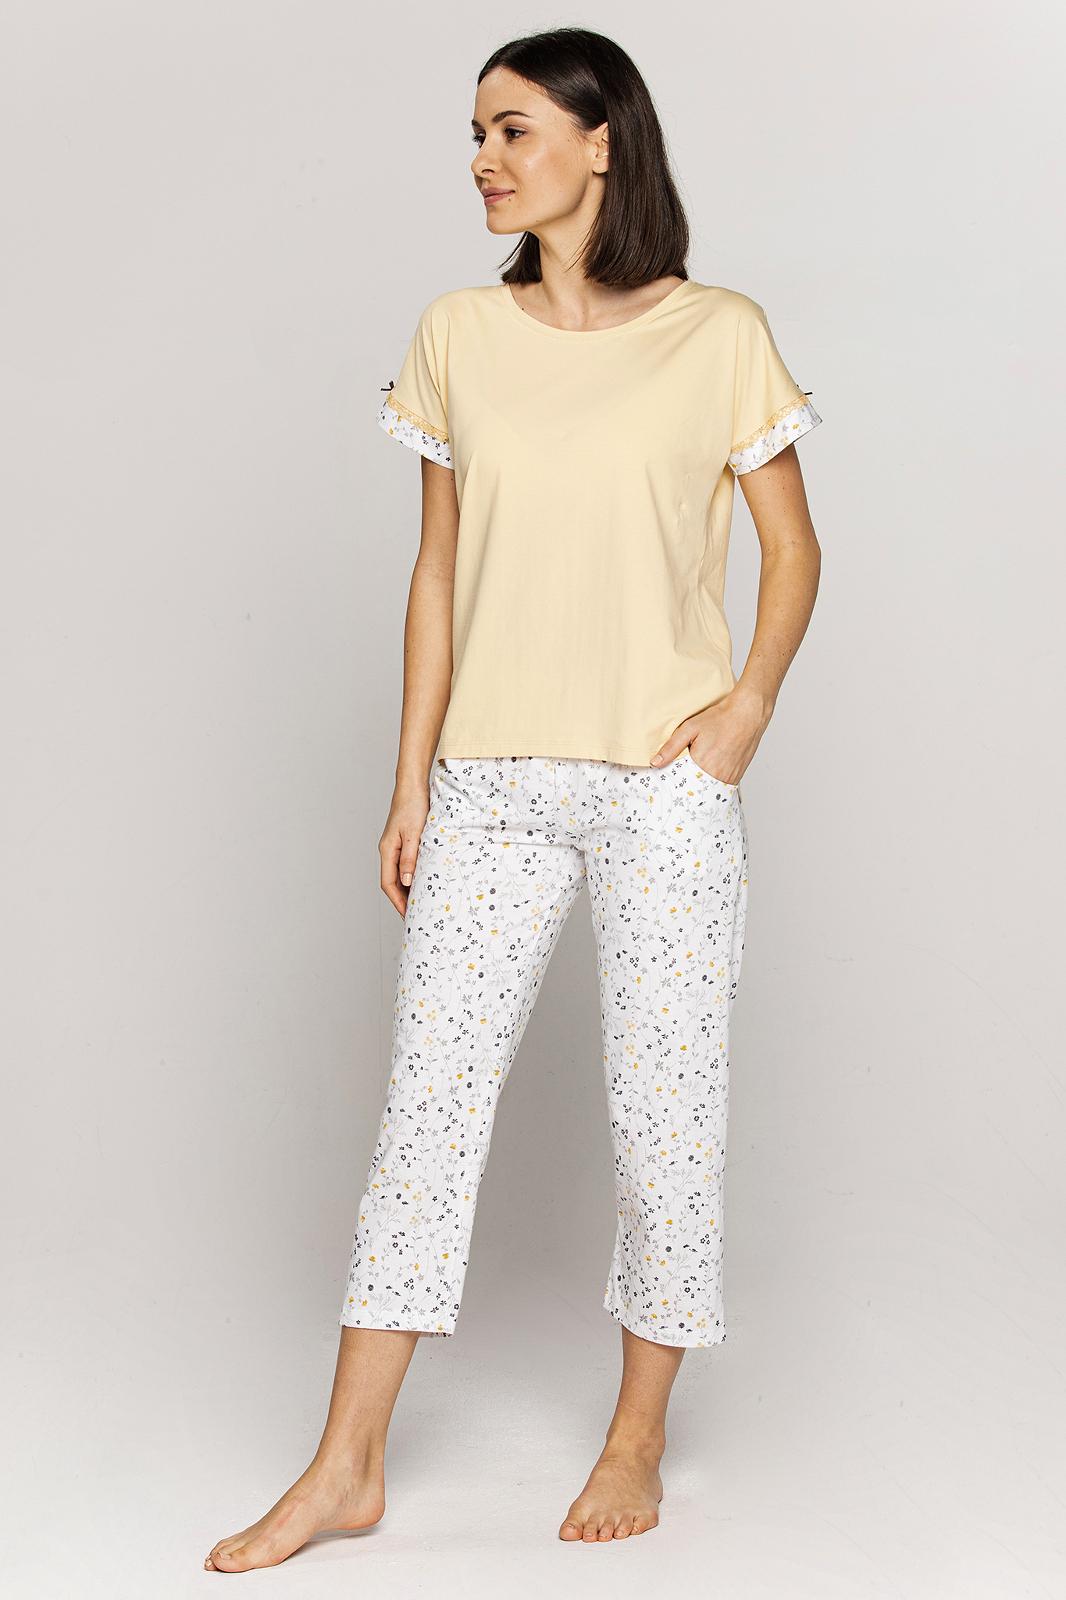 Dámské pyžamo Cana 558 kr/r S-XL